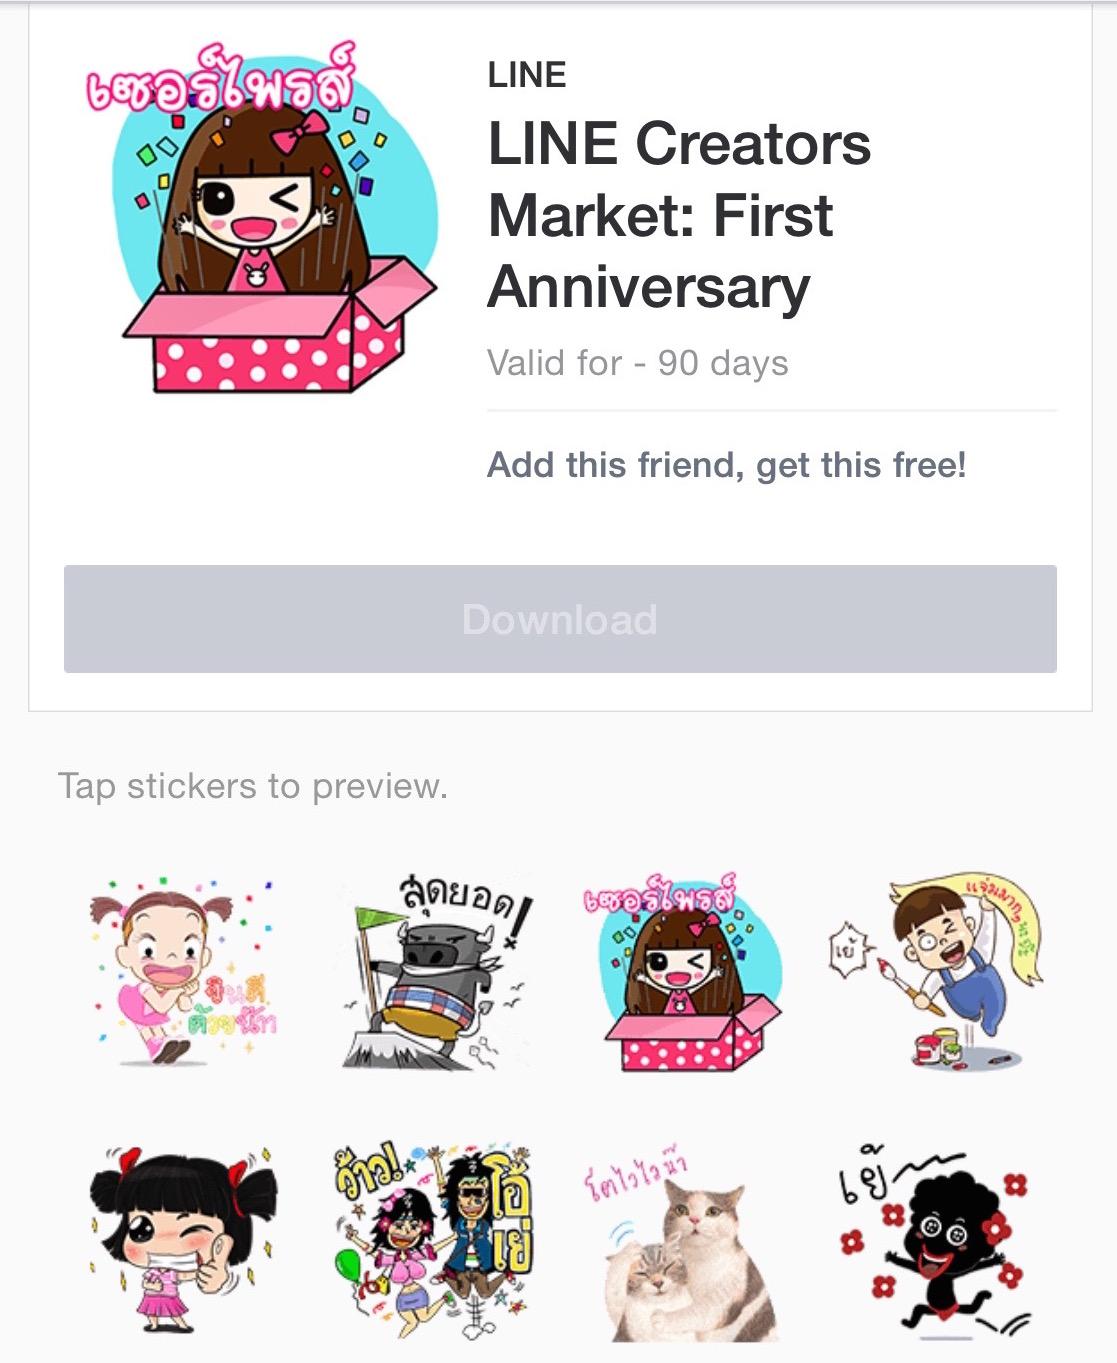 Line-Creator-Market-First-Anniversary-Free-Sticker